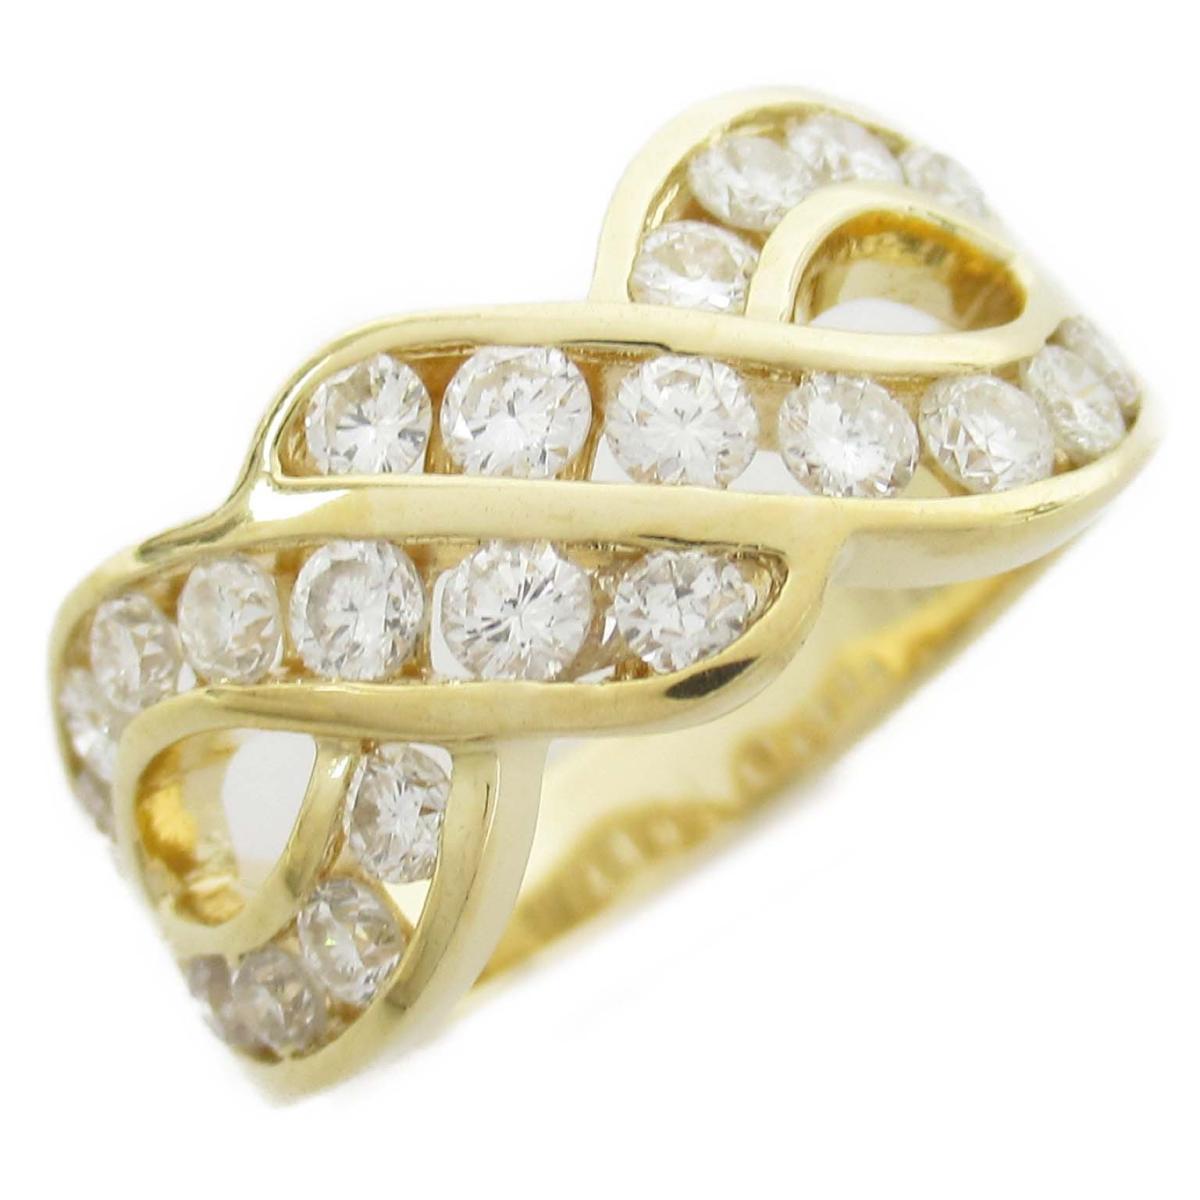 タサキ ダイヤモンド リング 指輪 ブランドジュエリー レディース 18Kイエローゴールド x ダイヤモンド0.92ct 【中古】 | TASAKI BRANDOFF ブランドオフ ブランド ジュエリー アクセサリー